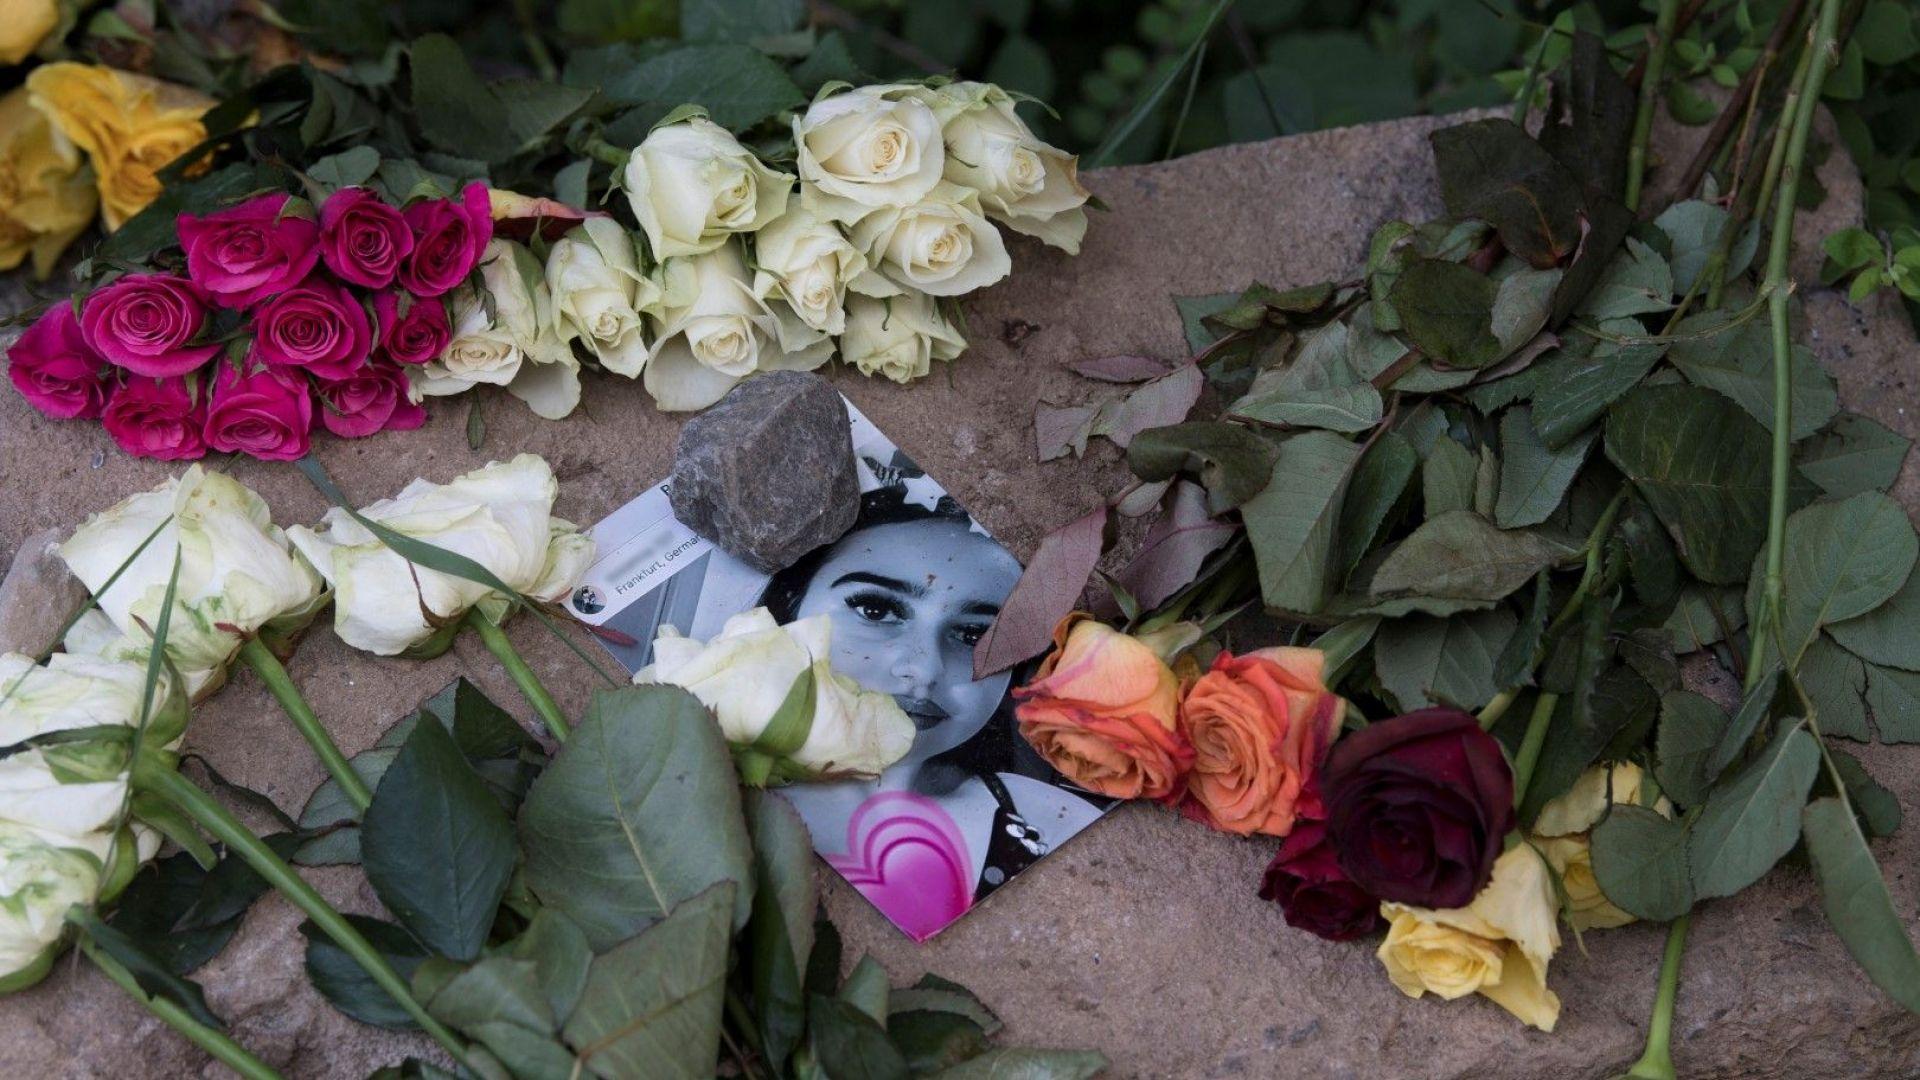 Турчин закла в германски парк 15-годишна румънка